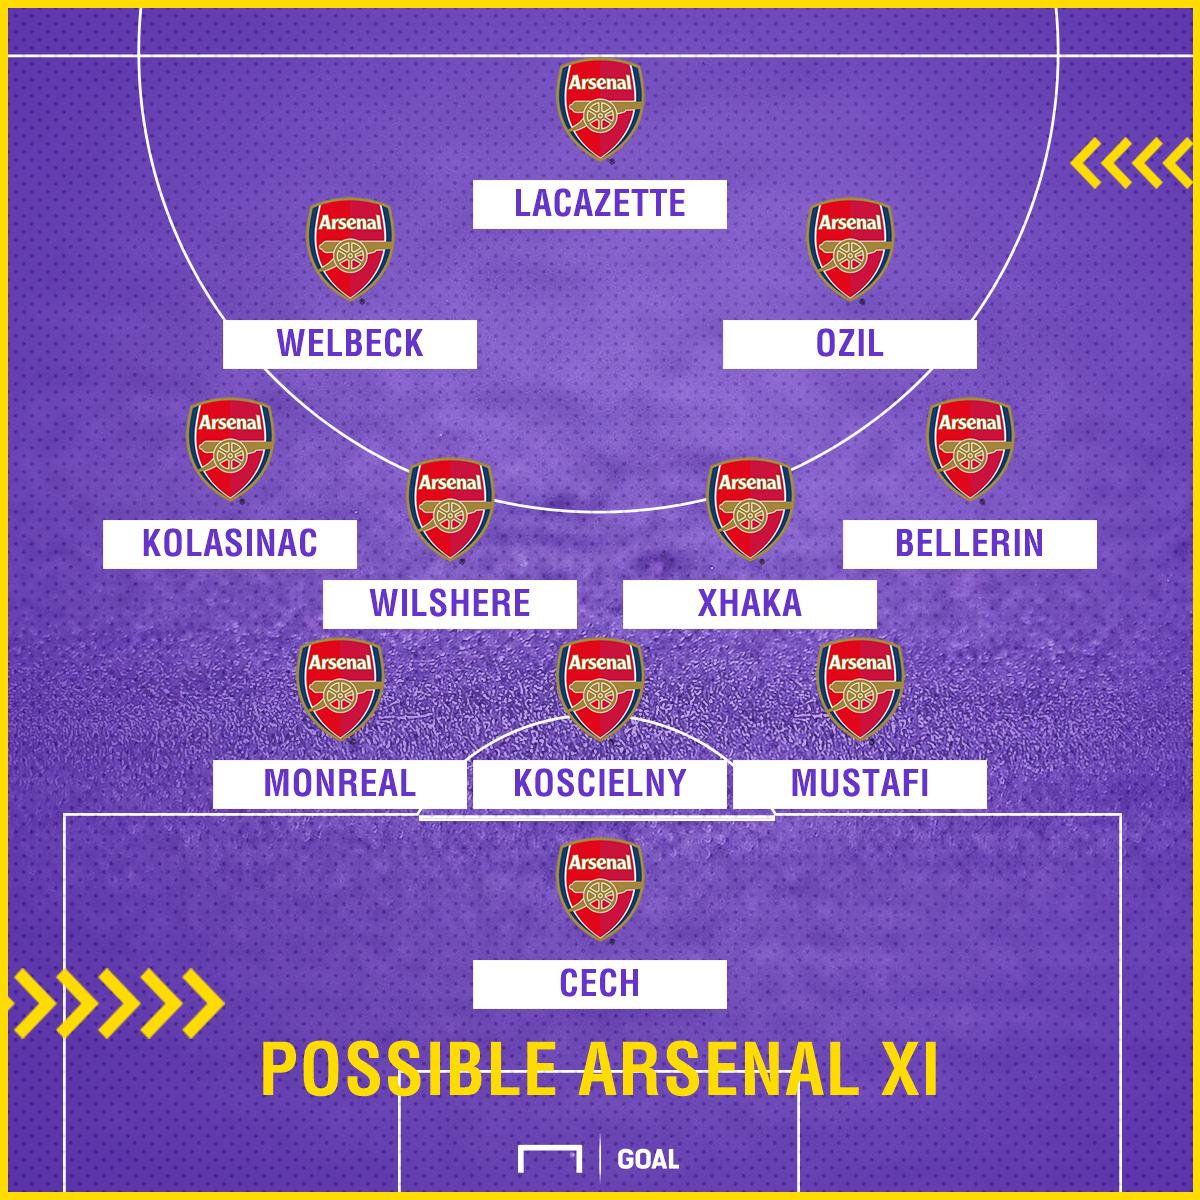 Arsenal XI